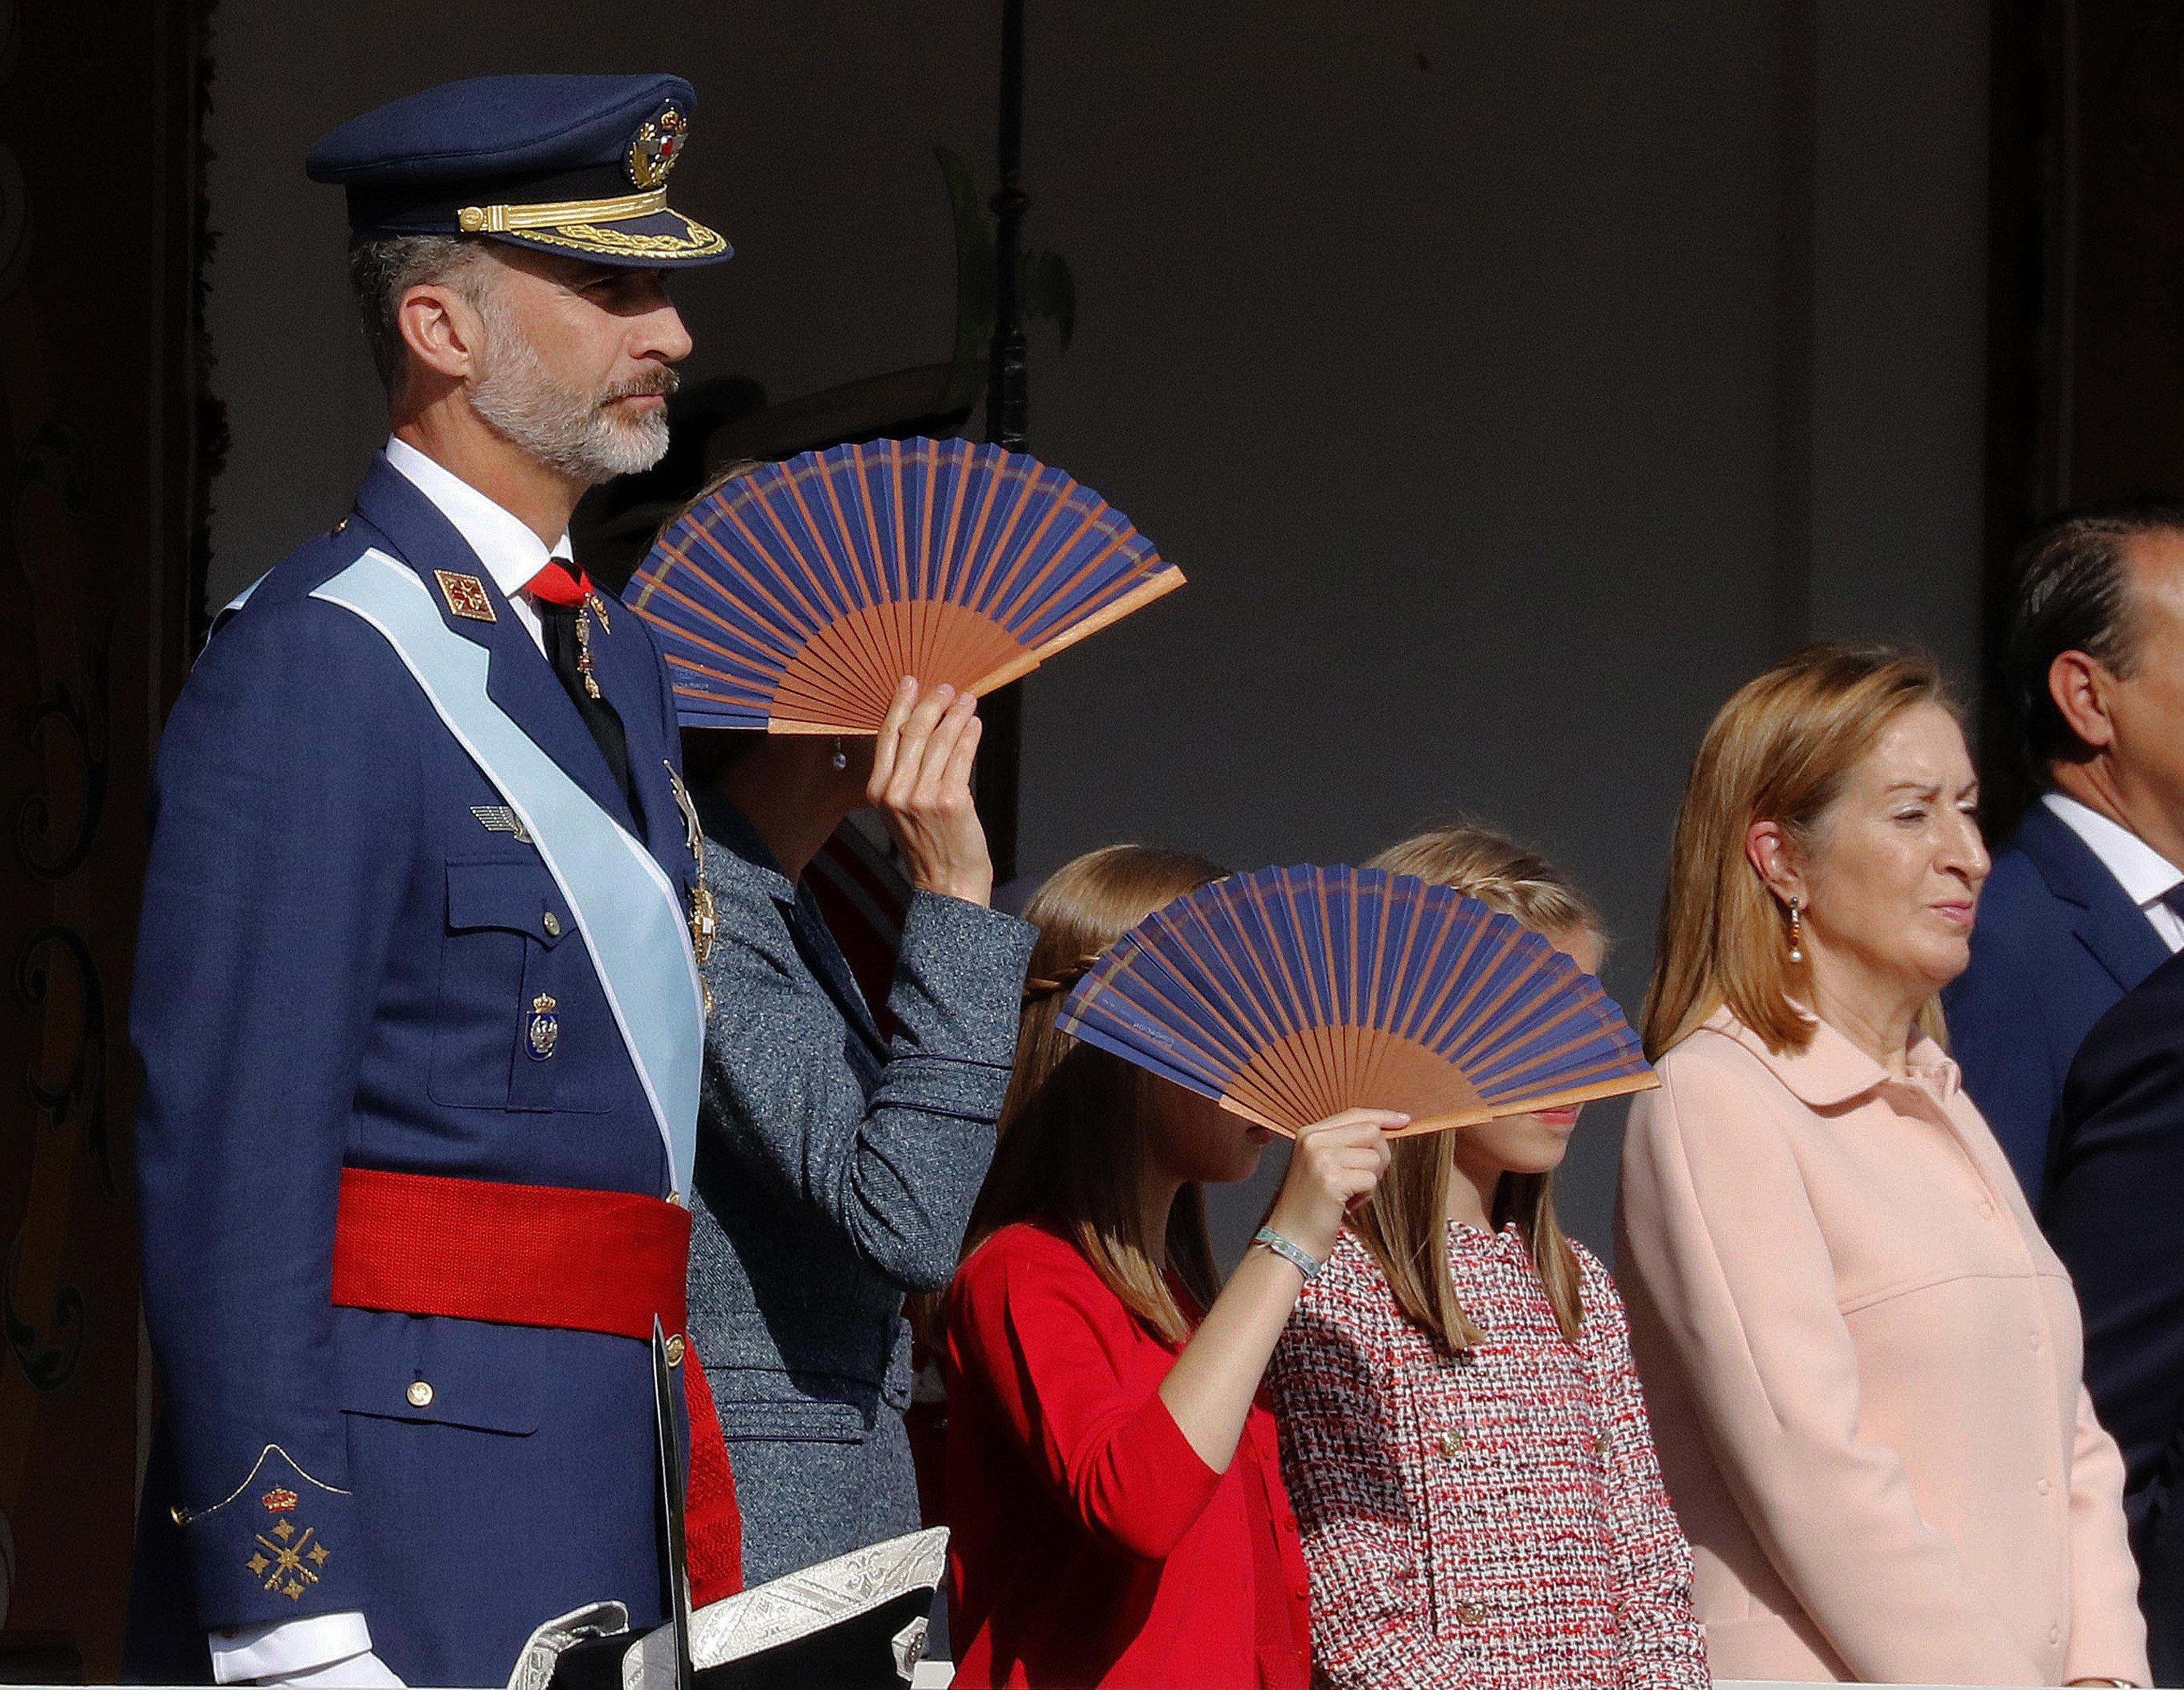 La reina Letícia i les seves filles, la princesa Elionor i la infanta Sofia, es protegeixen del sol amb uns ventalls, al costat del Rei Felip VI, i la presidenta del Congrés, Ana Pastor, durant la desfilada del Dia de la Festa Nacional./Víctor Lerena